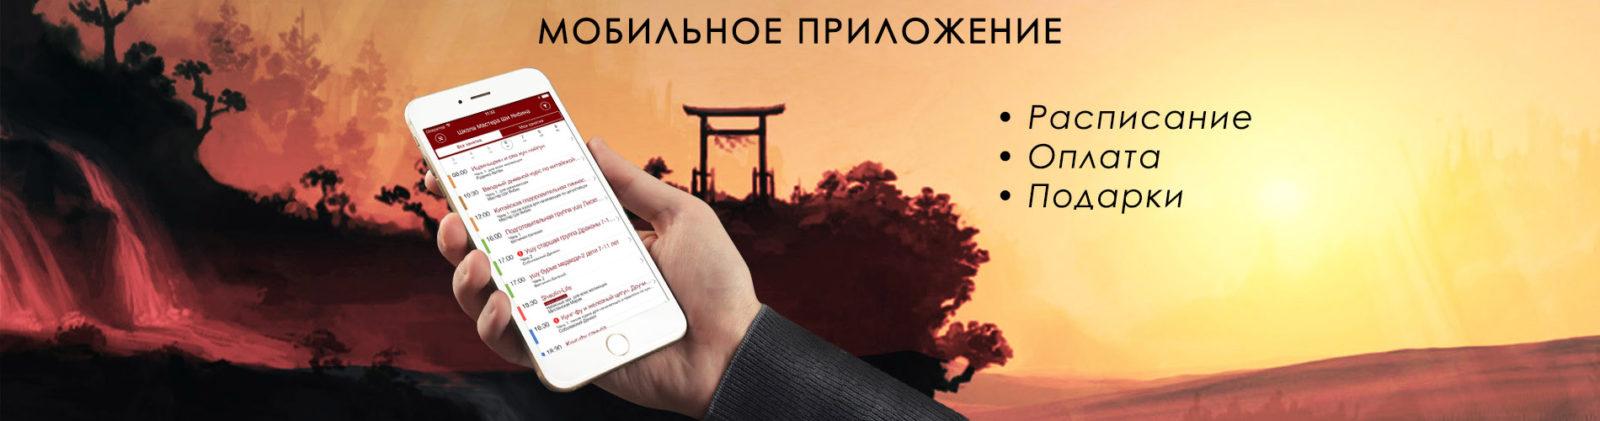 мобильное приложение оплата расписание